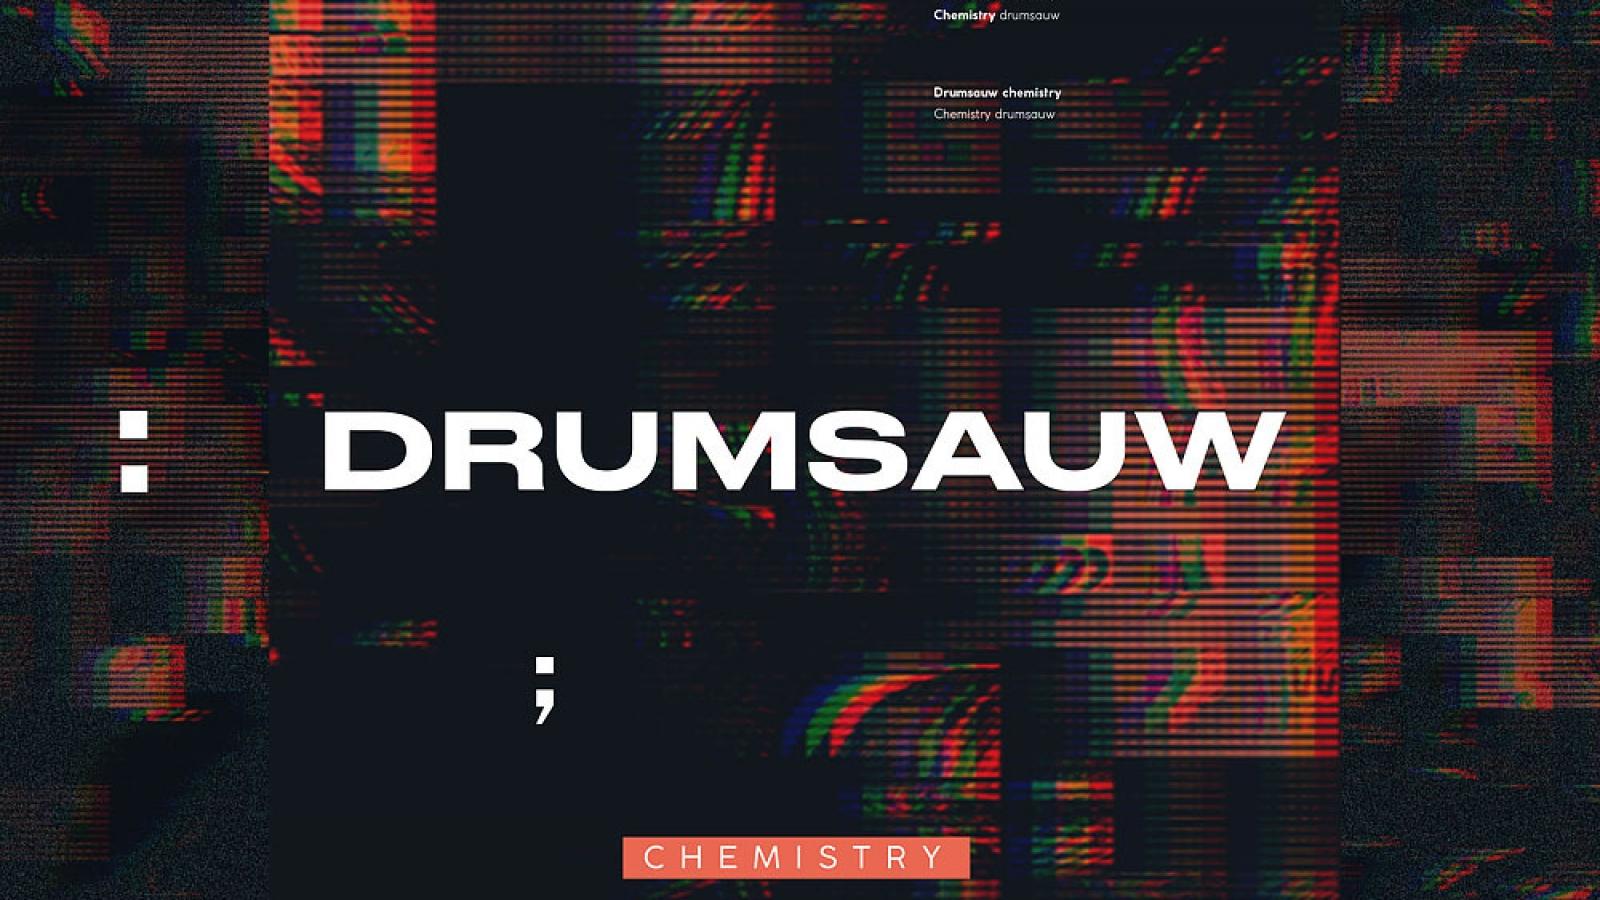 Drumsauw_Chemistry_1000x1000